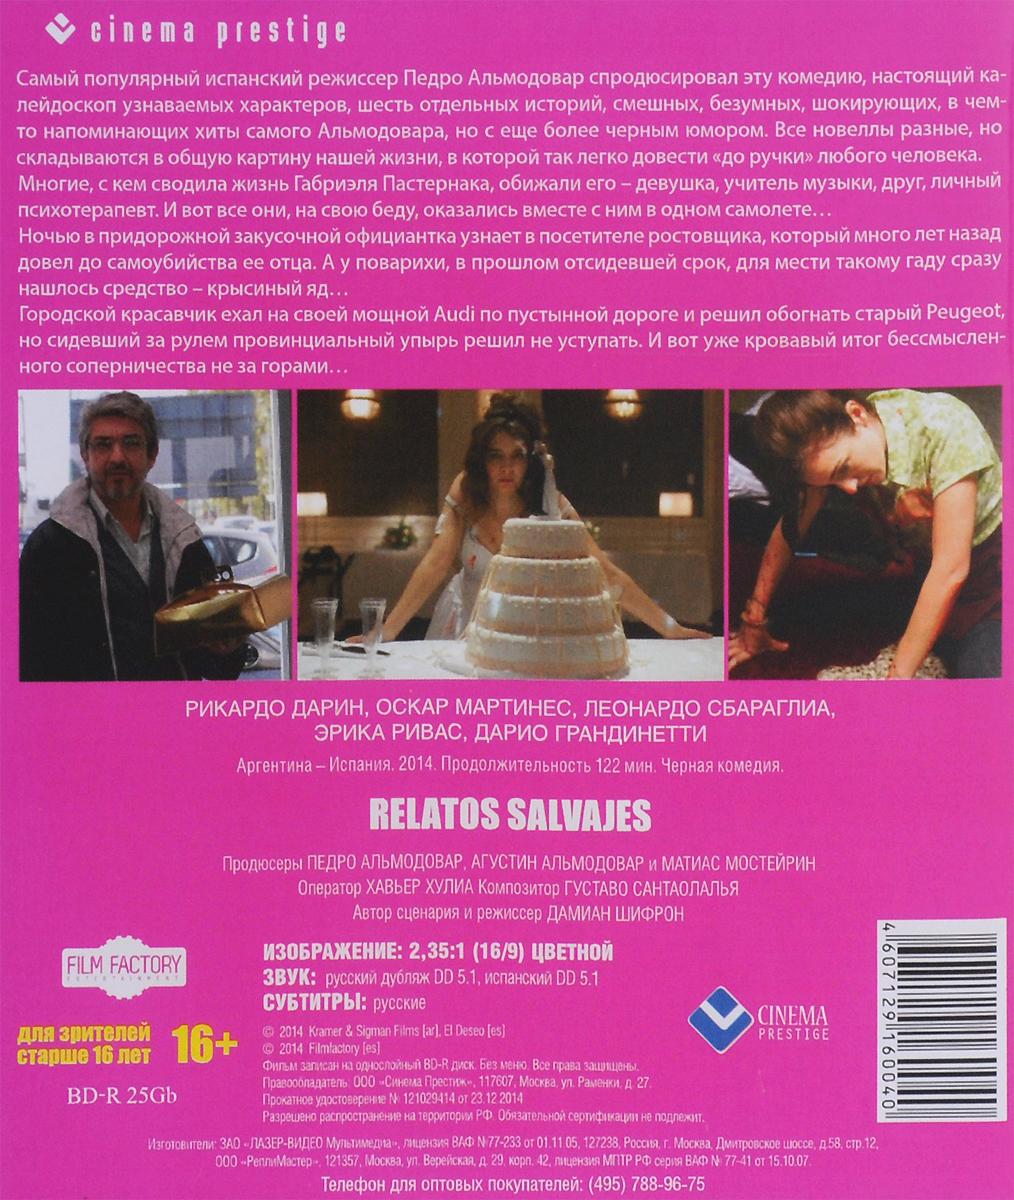 Дикие истории (Blu-Ray) Cinema Prestige